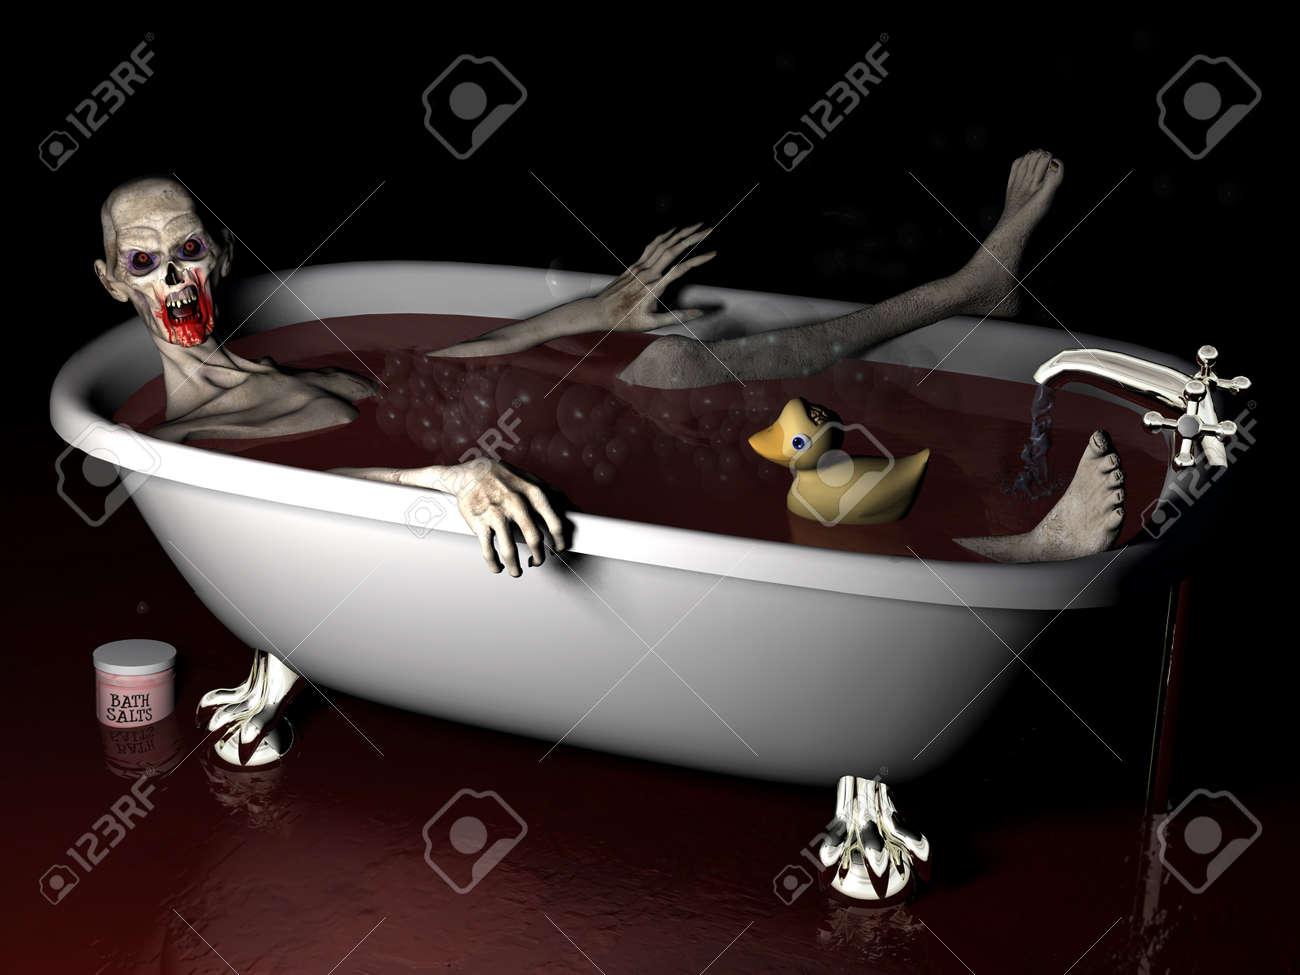 archivio fotografico bagno di sale zombie un zombie non morti di prendere un bagno di sale bagno completo con paperella di gomma con il cervello che